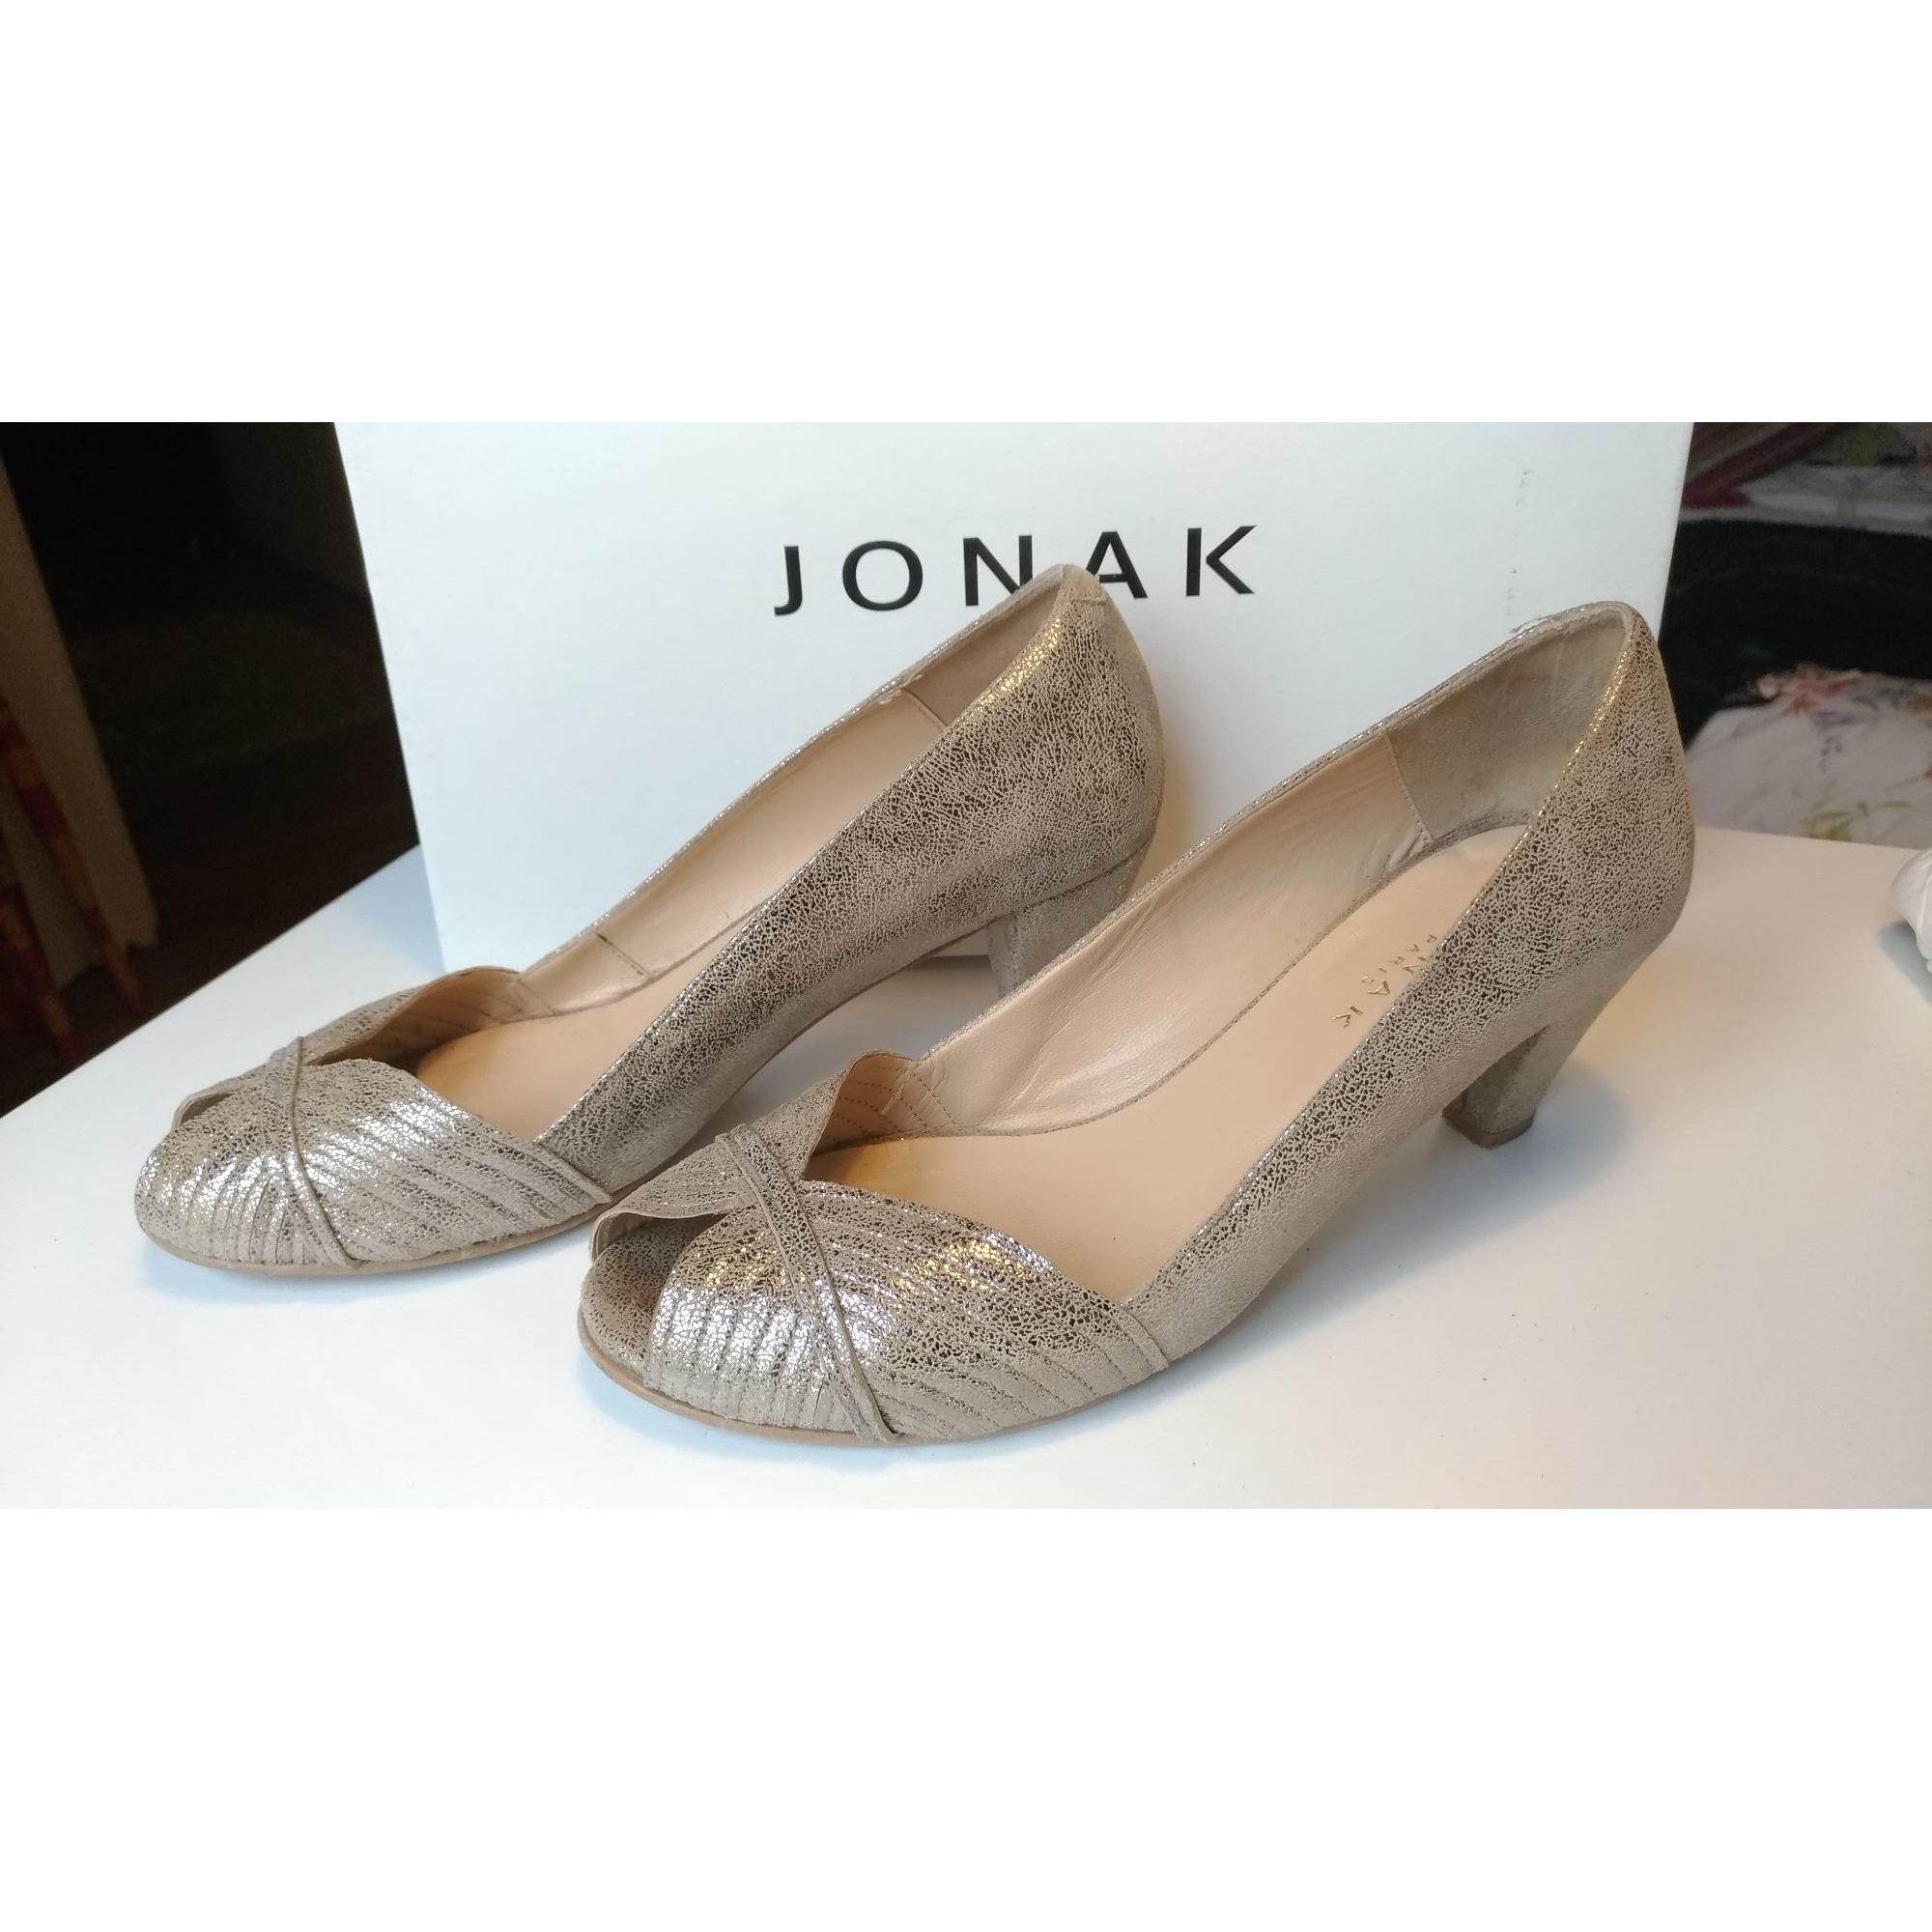 Escarpins à bouts ouverts JONAK 37 doré vendu par Apolina